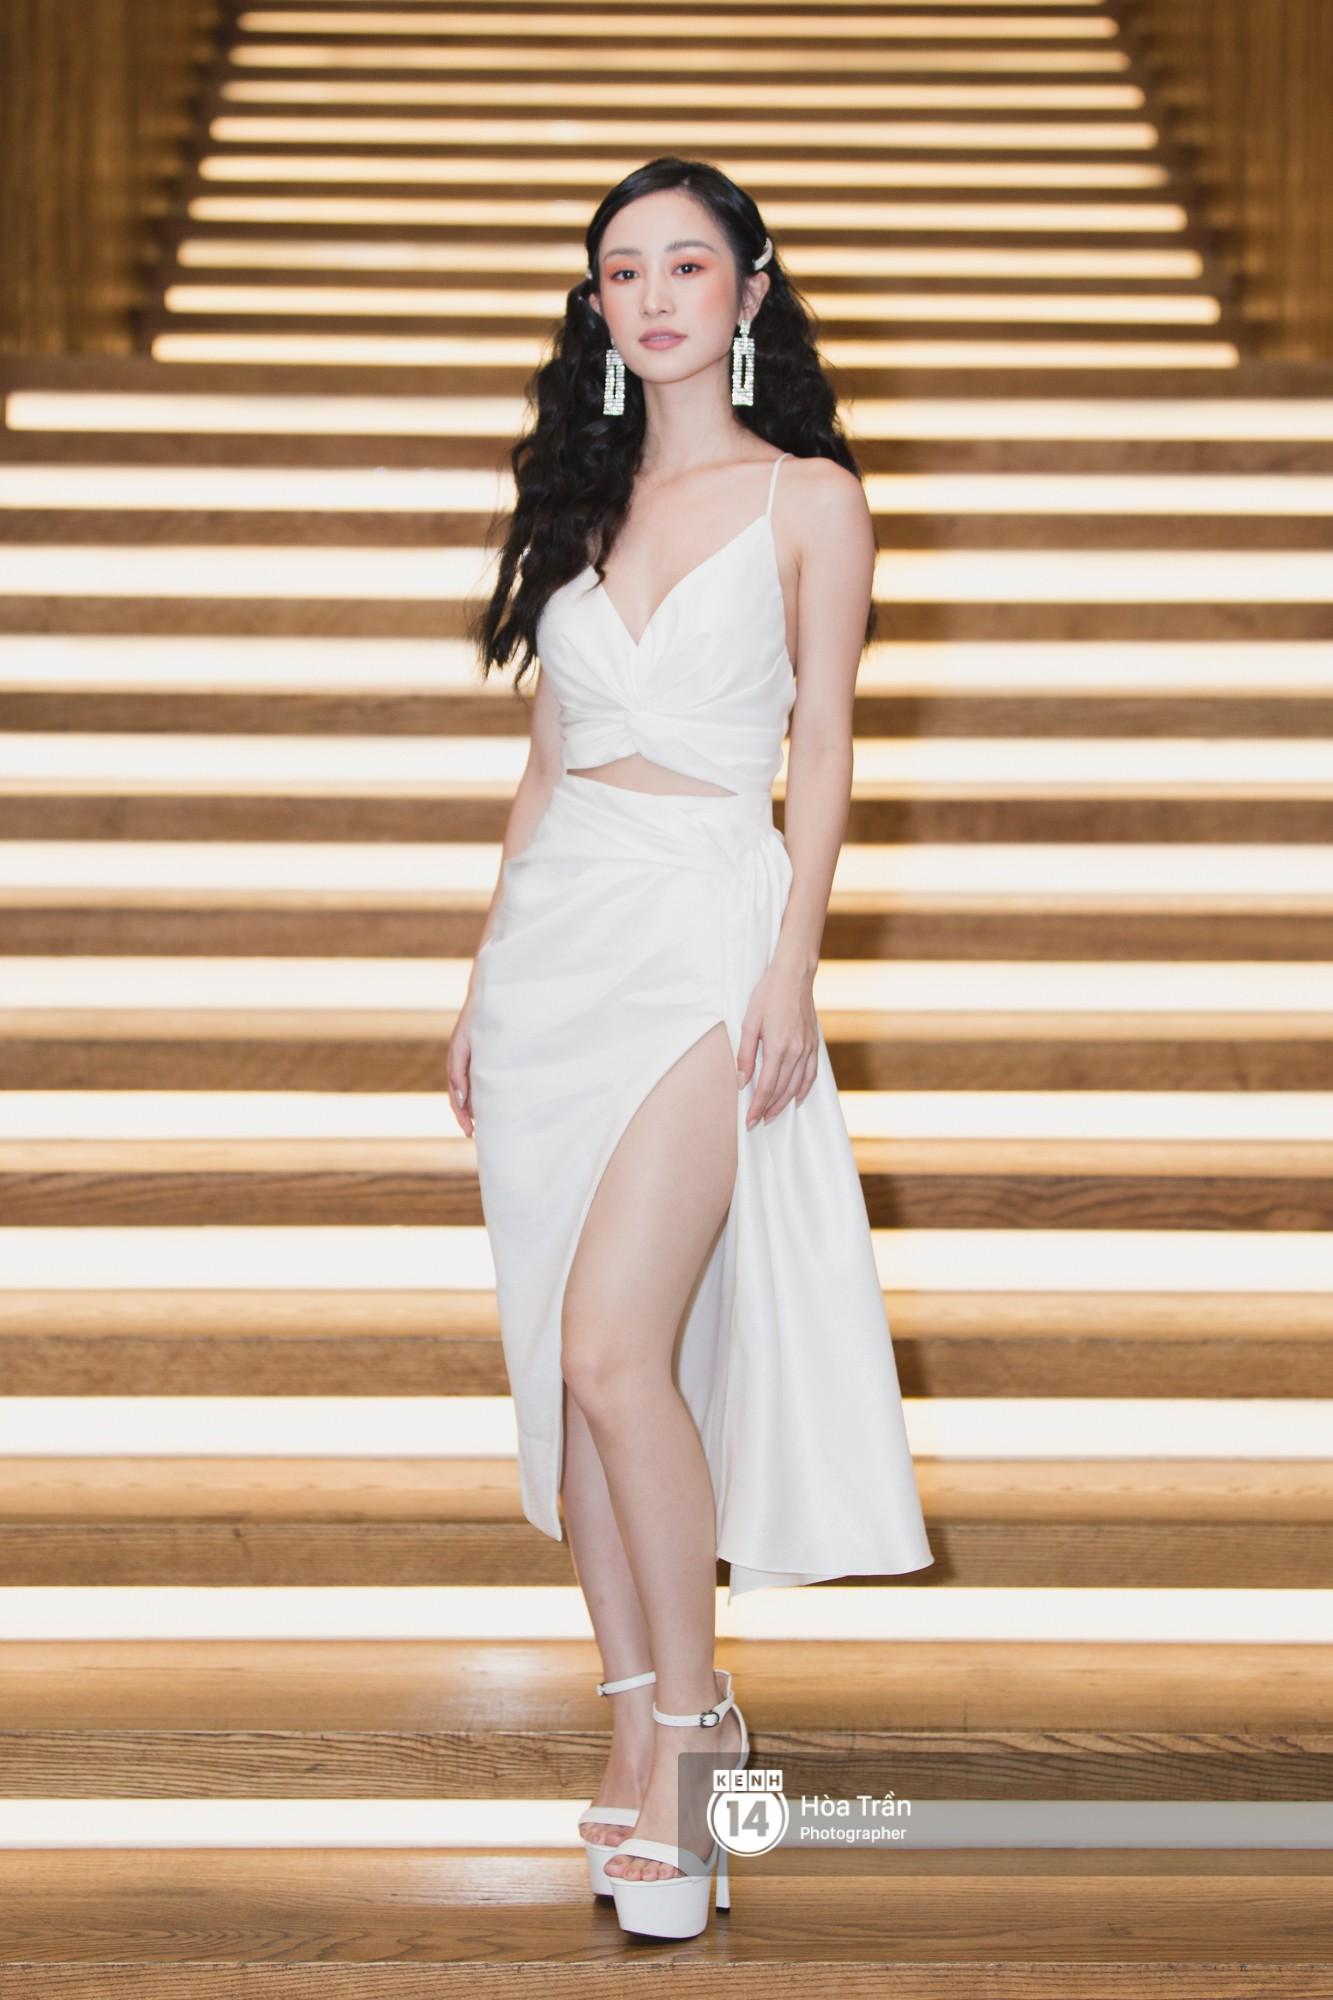 Giữa một dàn mỹ nhân giật giũ như Hari và Jun Vũ, Hoa hậu Đặng Thu Thảo giản dị mà vẫn trội bật - Ảnh 9.